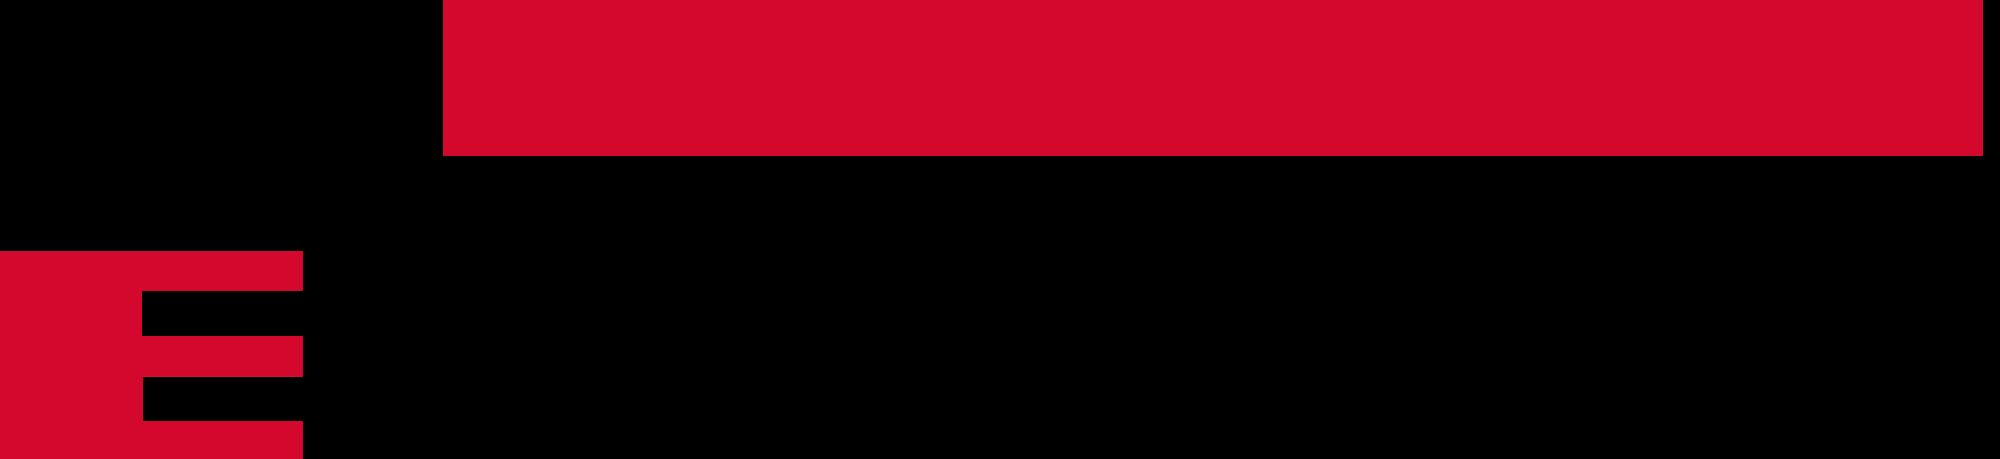 Fritz_Egger_Logo